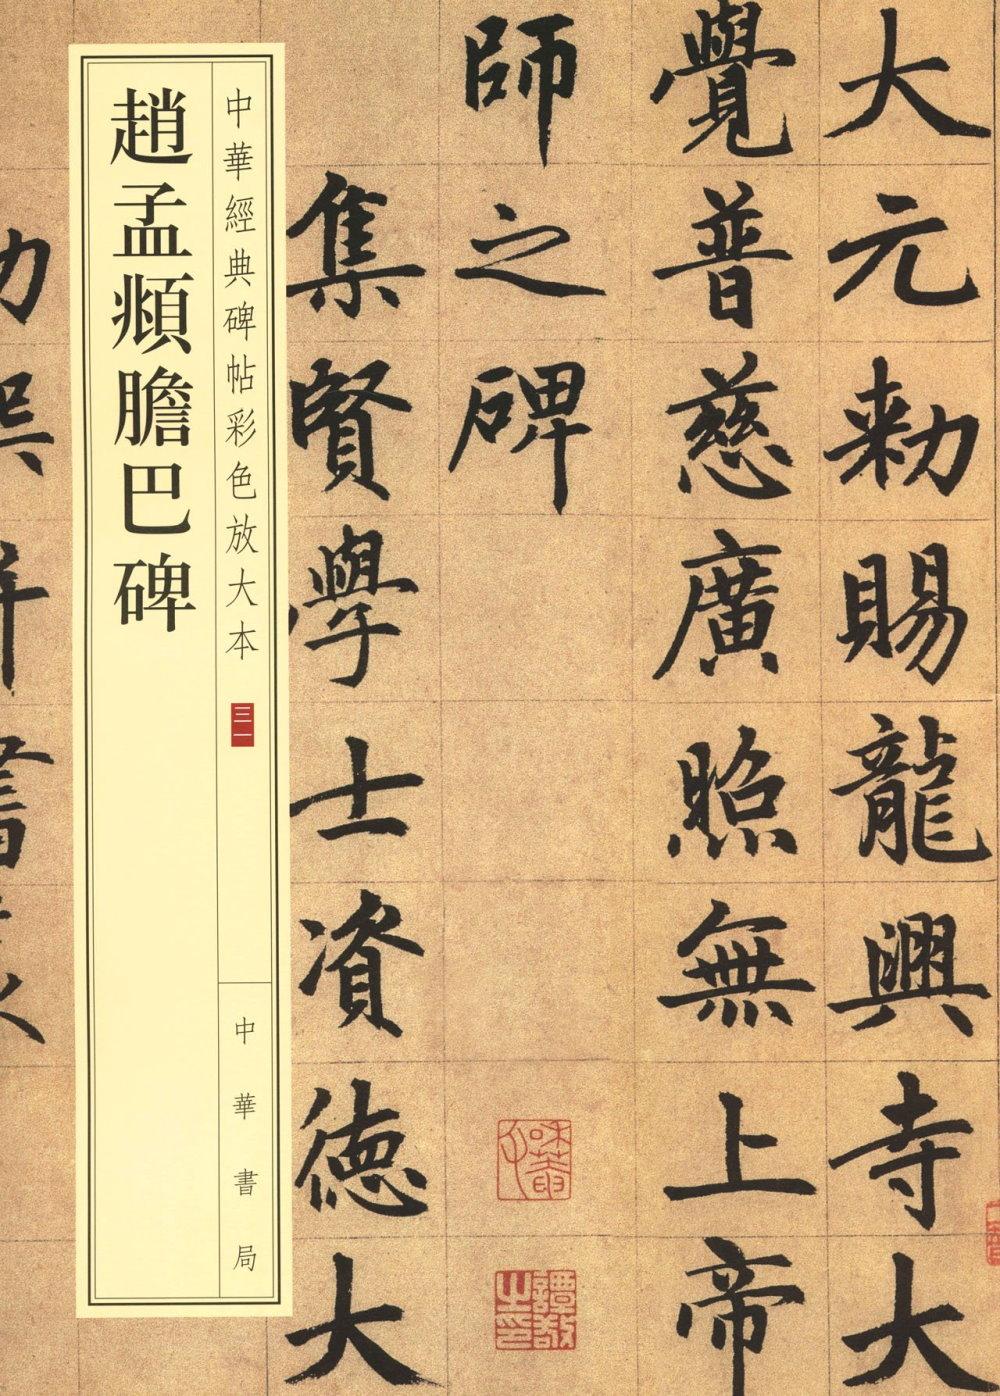 中華經典碑帖彩色放大本31:趙孟(兆頁)膽巴碑